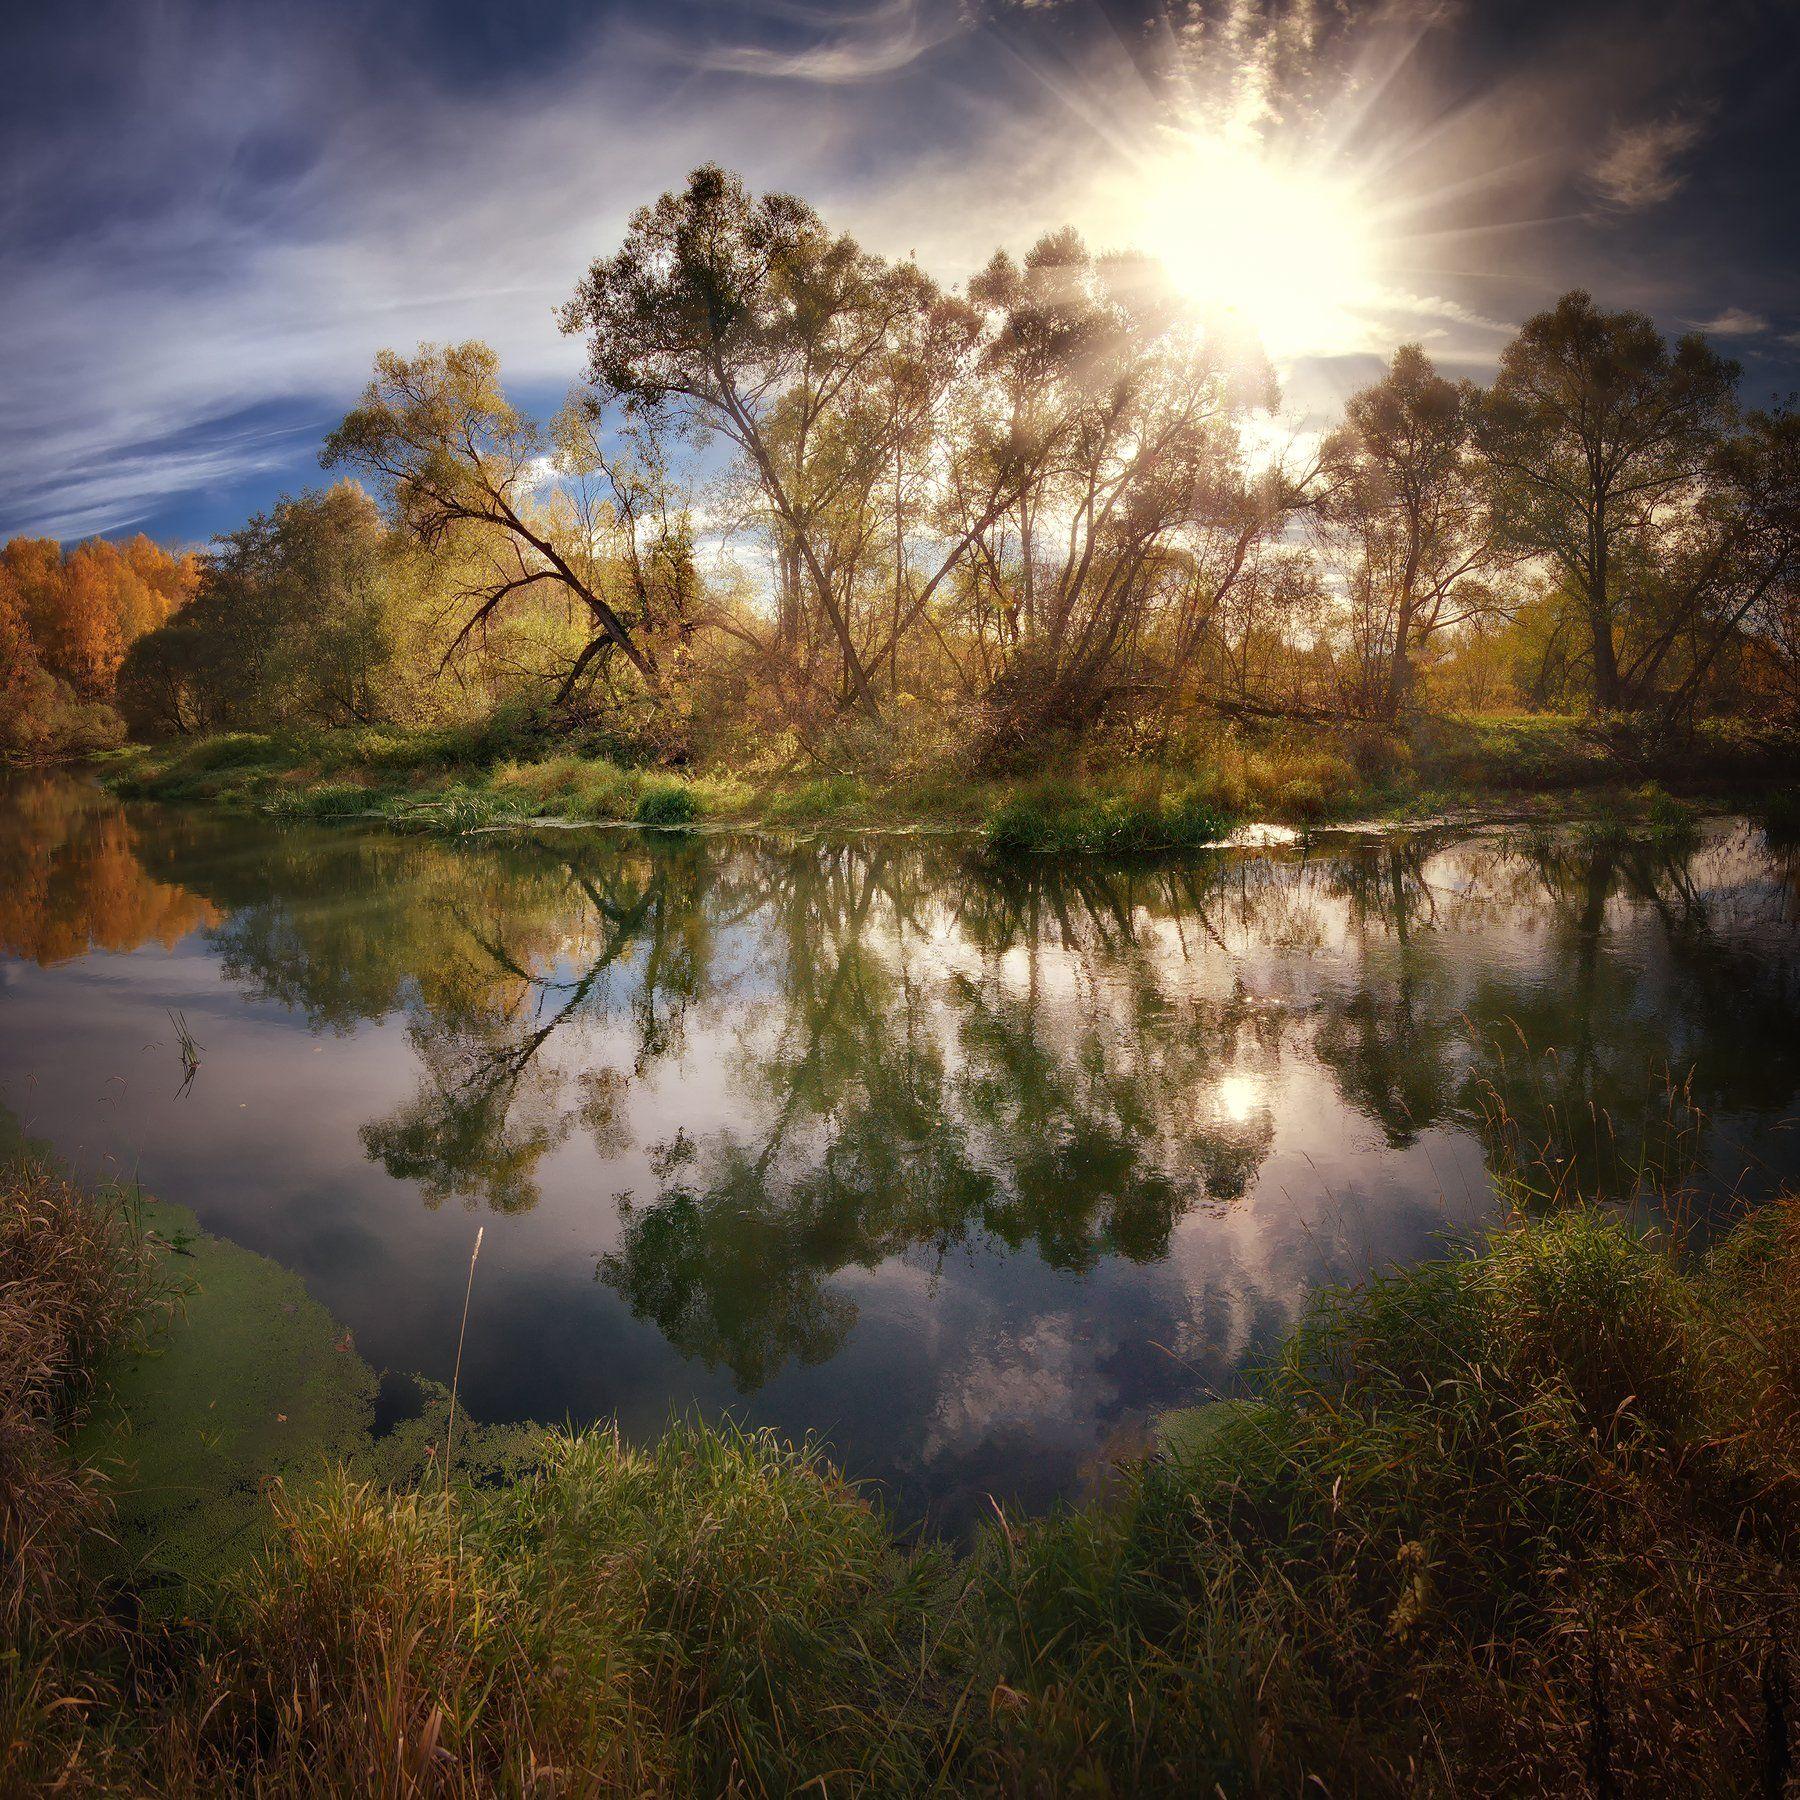 лес, природа, пейзаж, осень, река, вода, ручей, подмосковье, закат, лучи, солнце, Ник Алексей